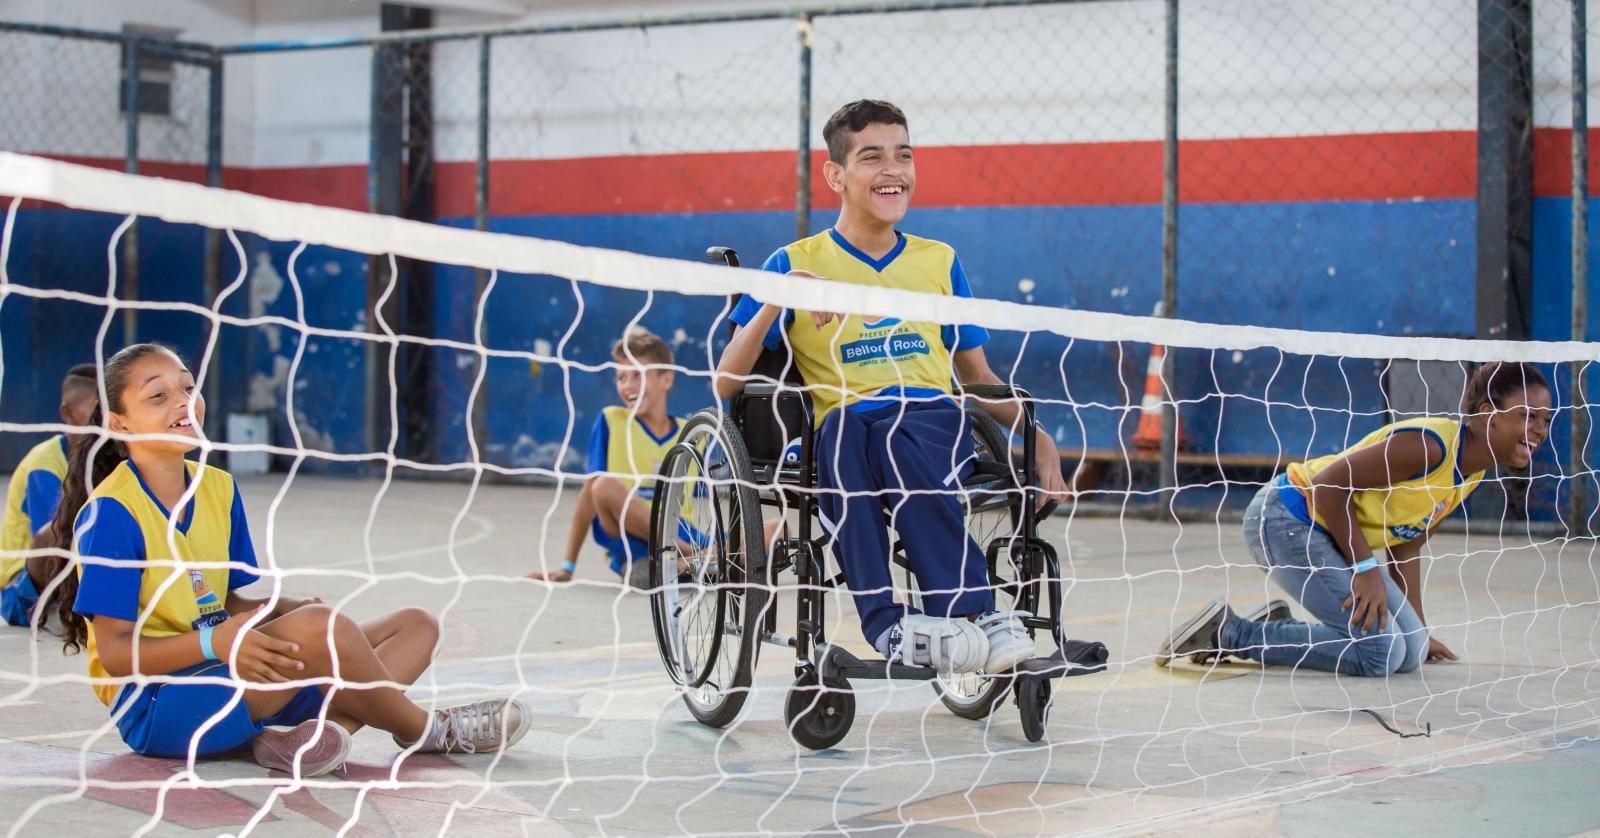 Programa de educação física adaptada para alunos com deficiência pode ser criada em escolas de Mato Grosso